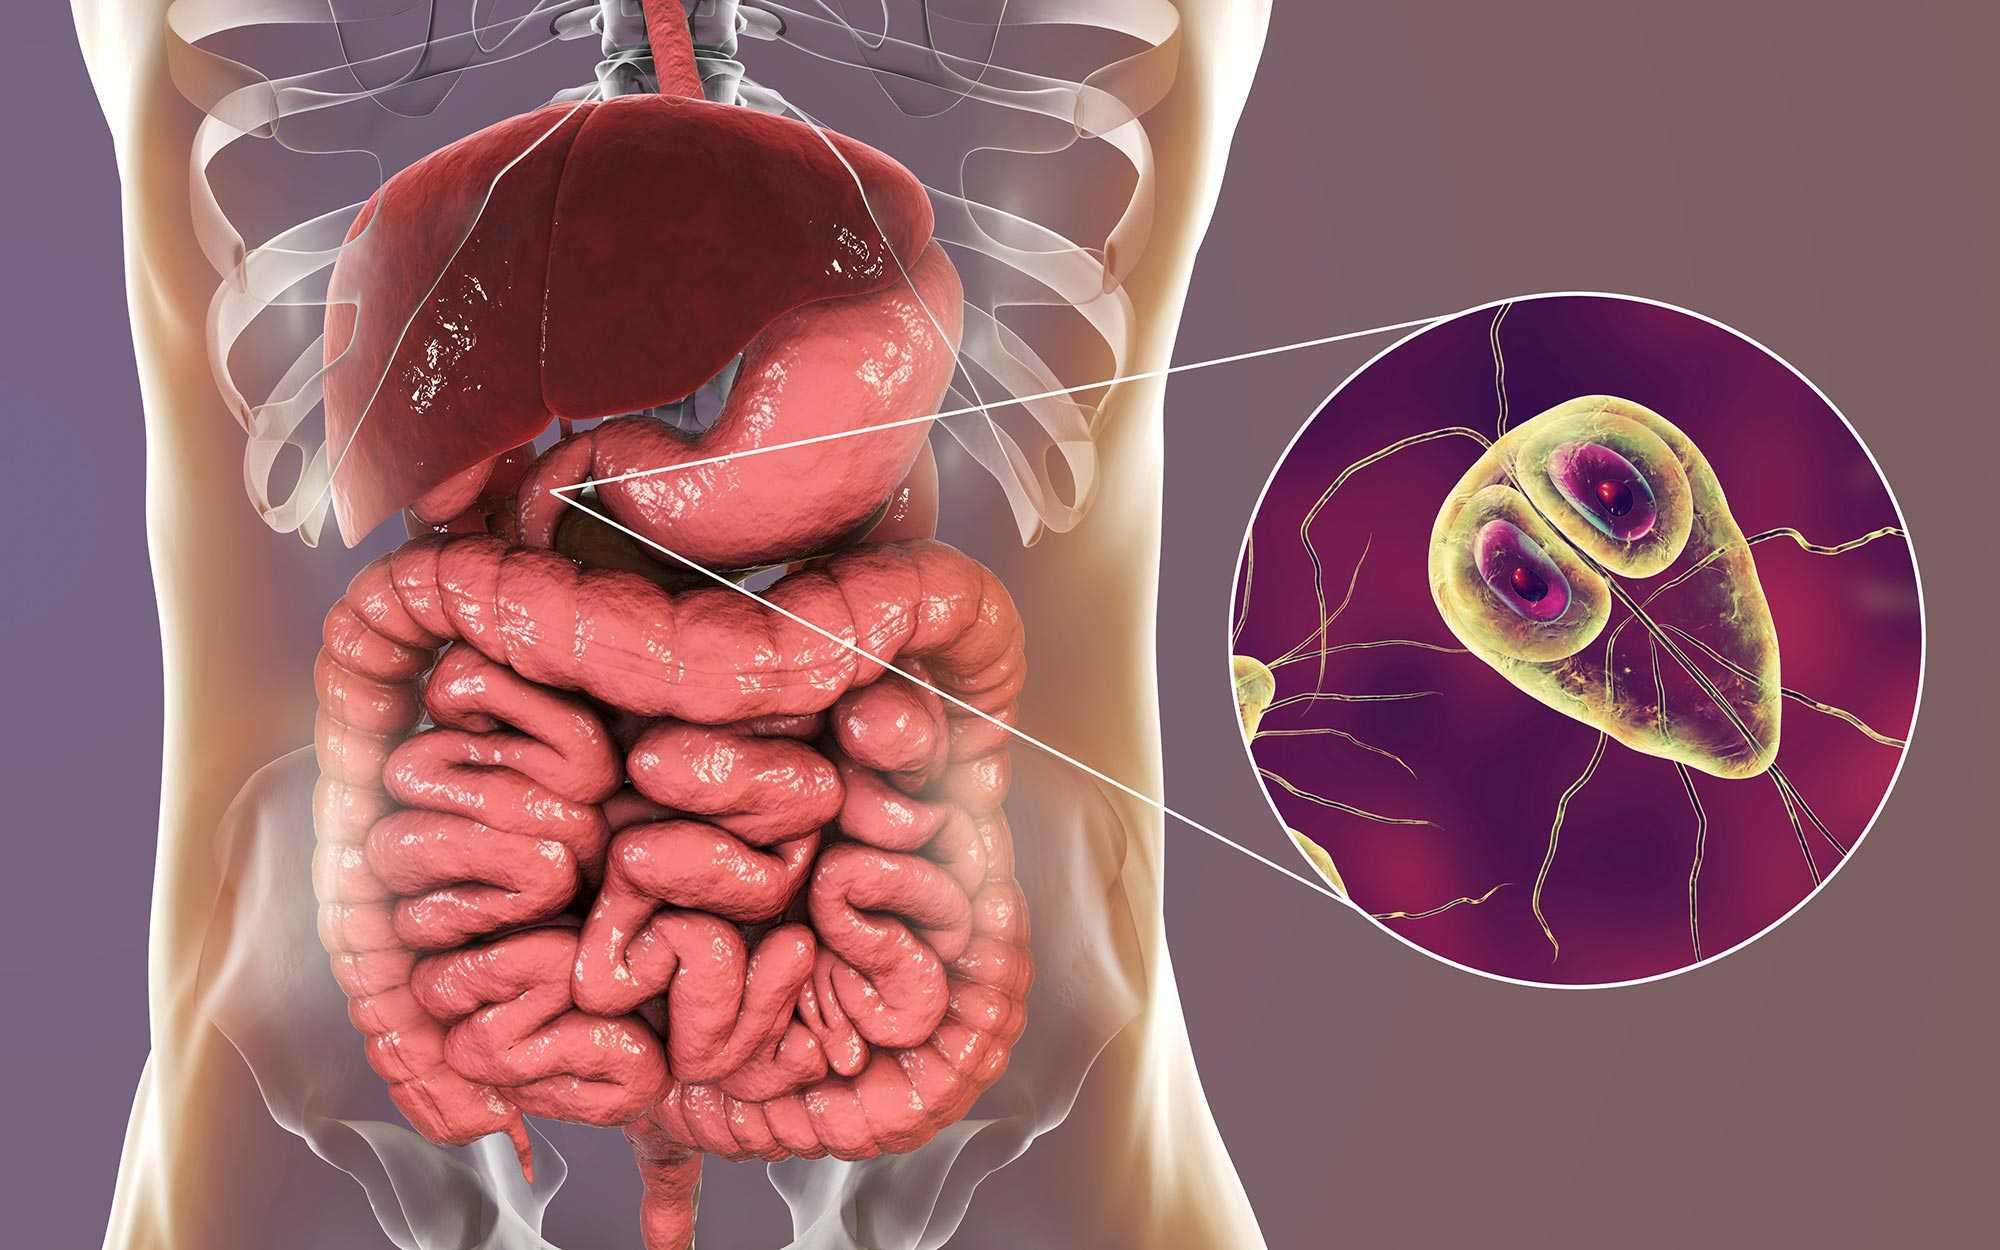 giardia infektion symptome belfergesseg angolul